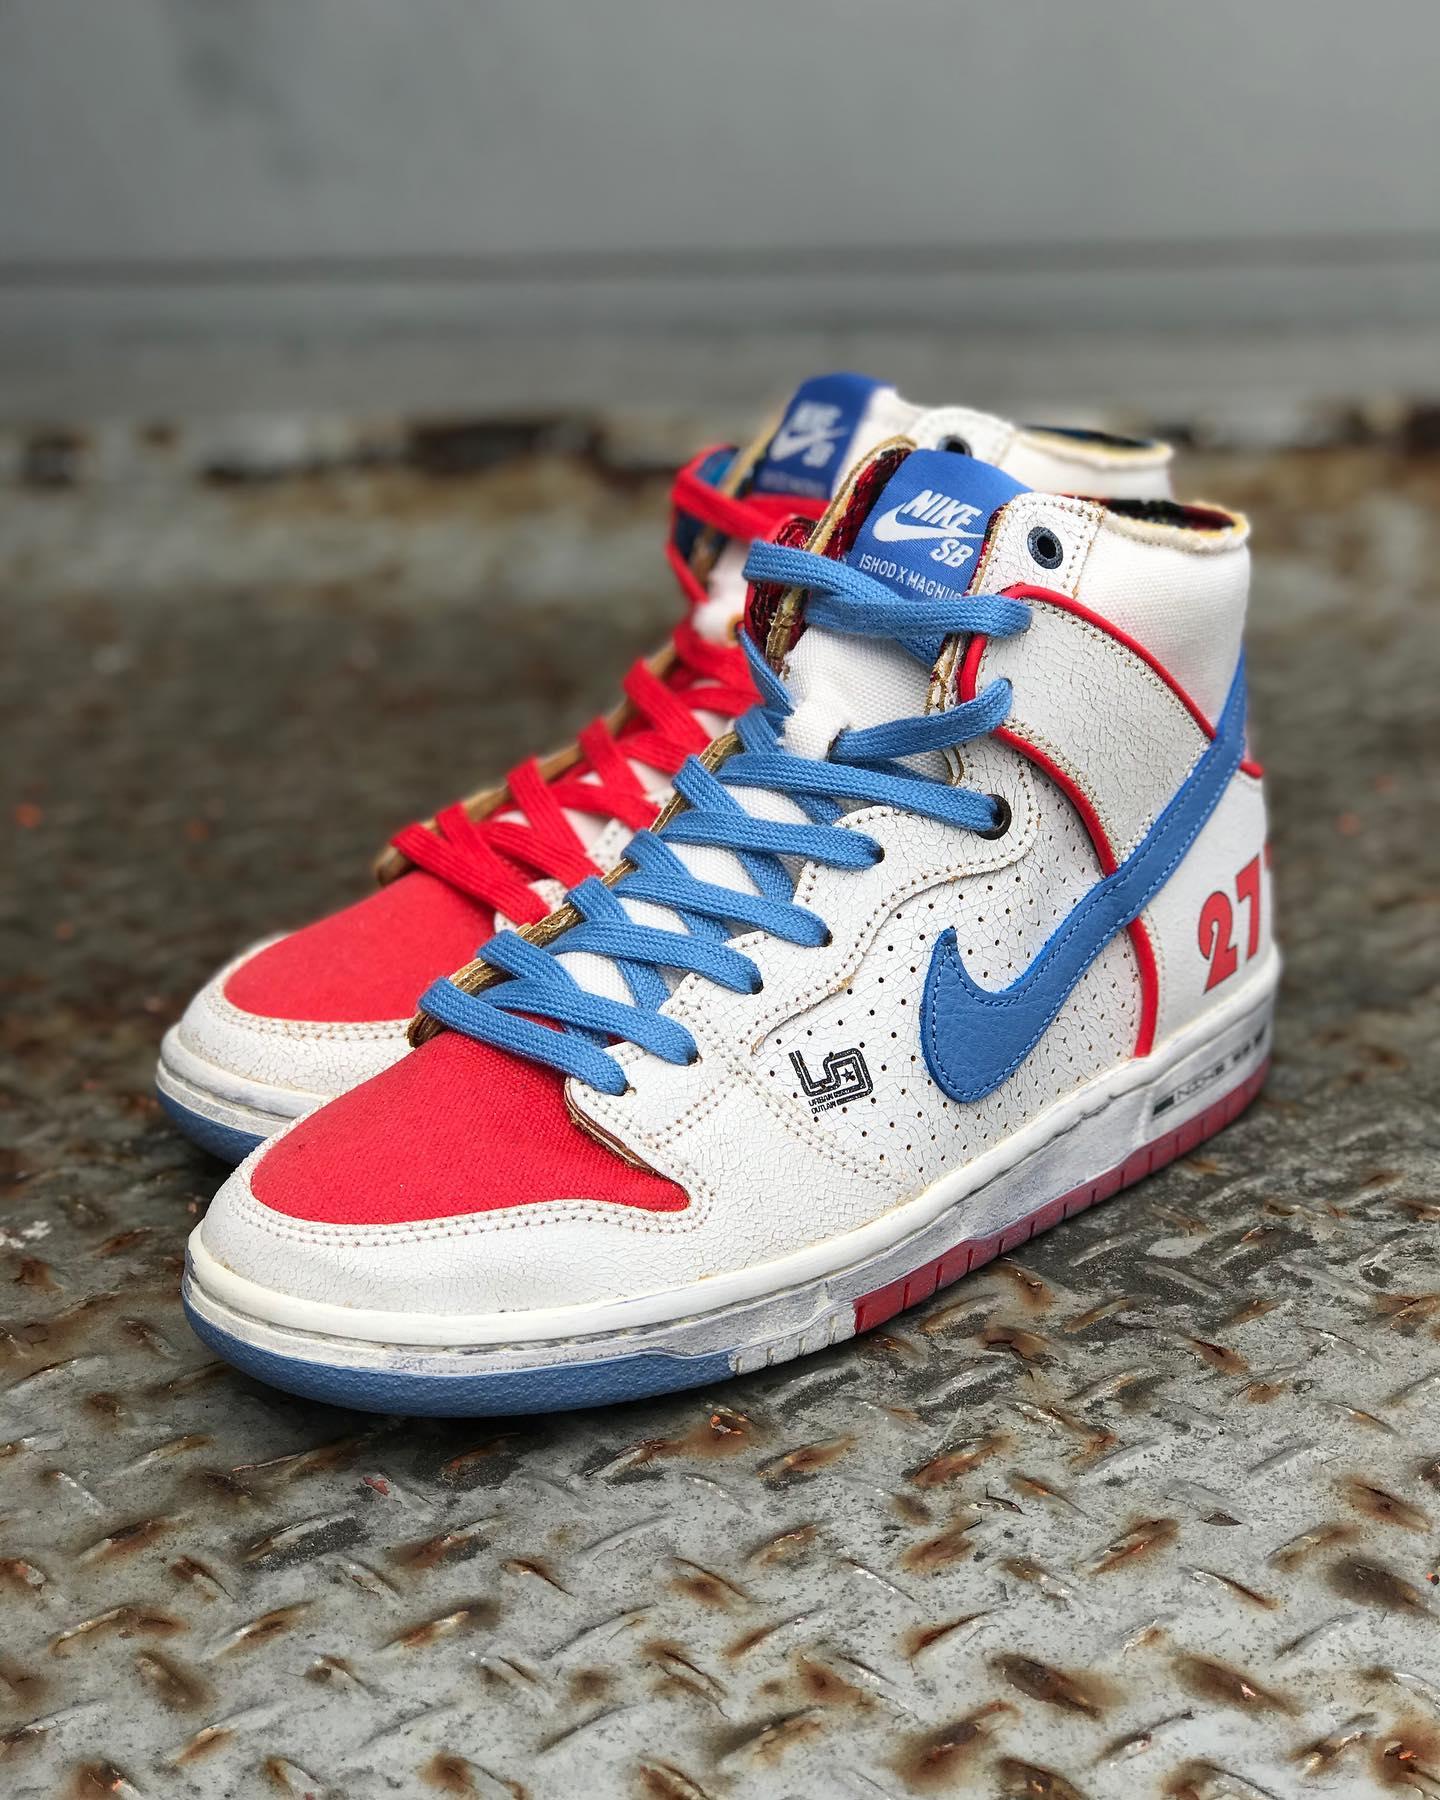 6月19日(土)発売 Magnus x Ishod x Nike SB / Dunk High Pro Decon QS販売方法に関してはプロフィールリンクのホームページからブログをご確認下さい。※吉祥寺ストア・浦安ストアでの販売はございません。※販売足数、入荷サイズ、発売前のご予約など販売に関する事前お問い合わせはご遠慮下さい。※no overseas shipment.WEB抽選応募フォームリンク↓https://bit.ly/3cALnPZ